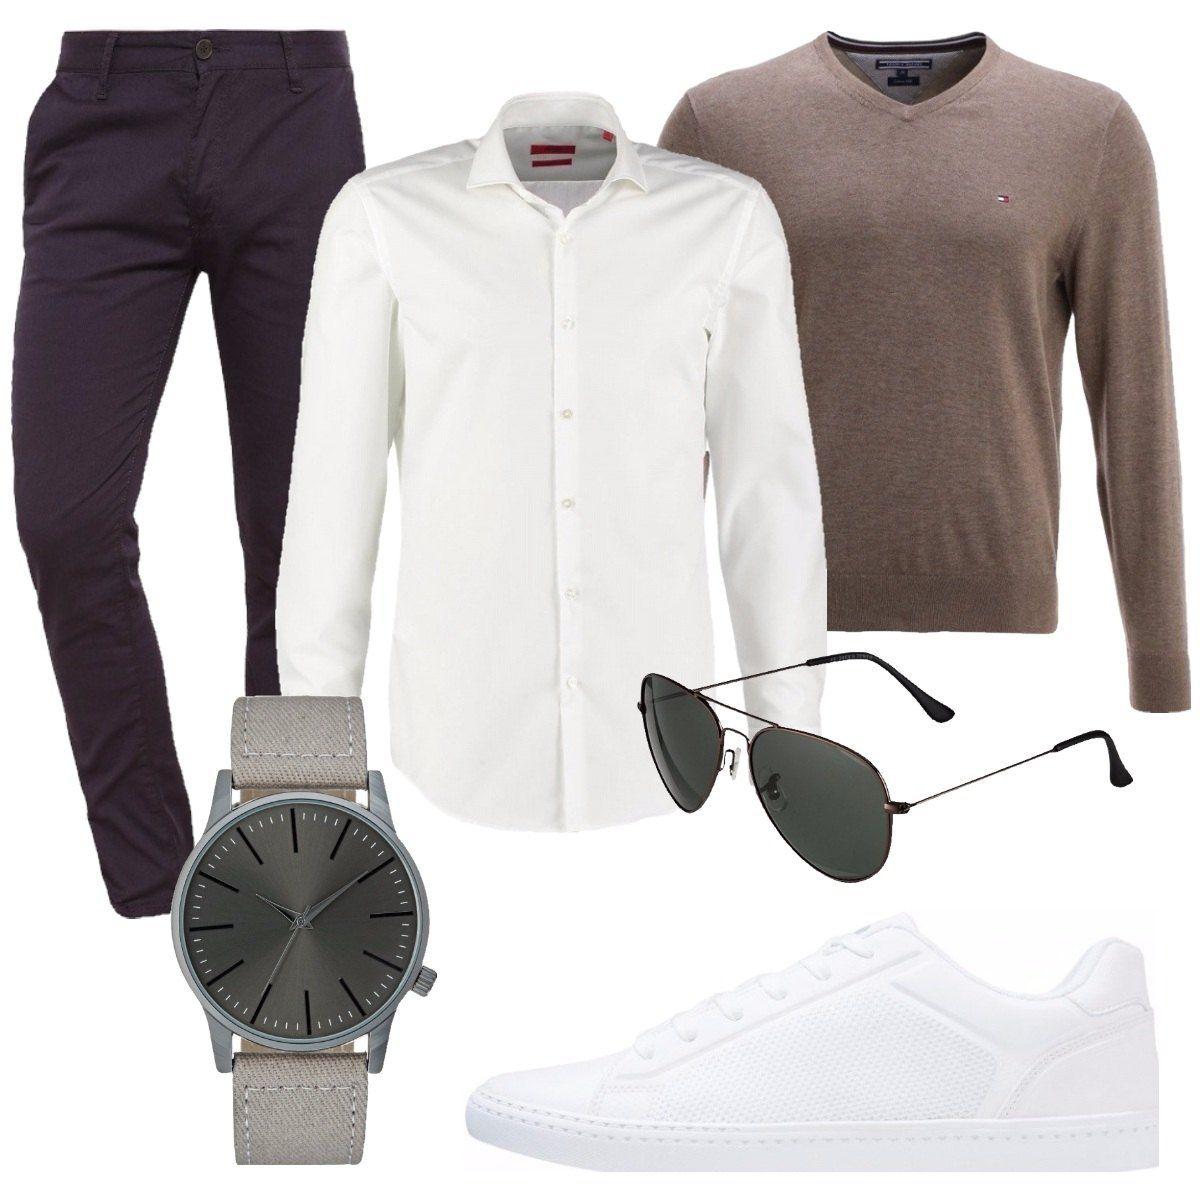 Sneakers e camicia: outfit uomo Casual per tutti i giorni | Bantoa